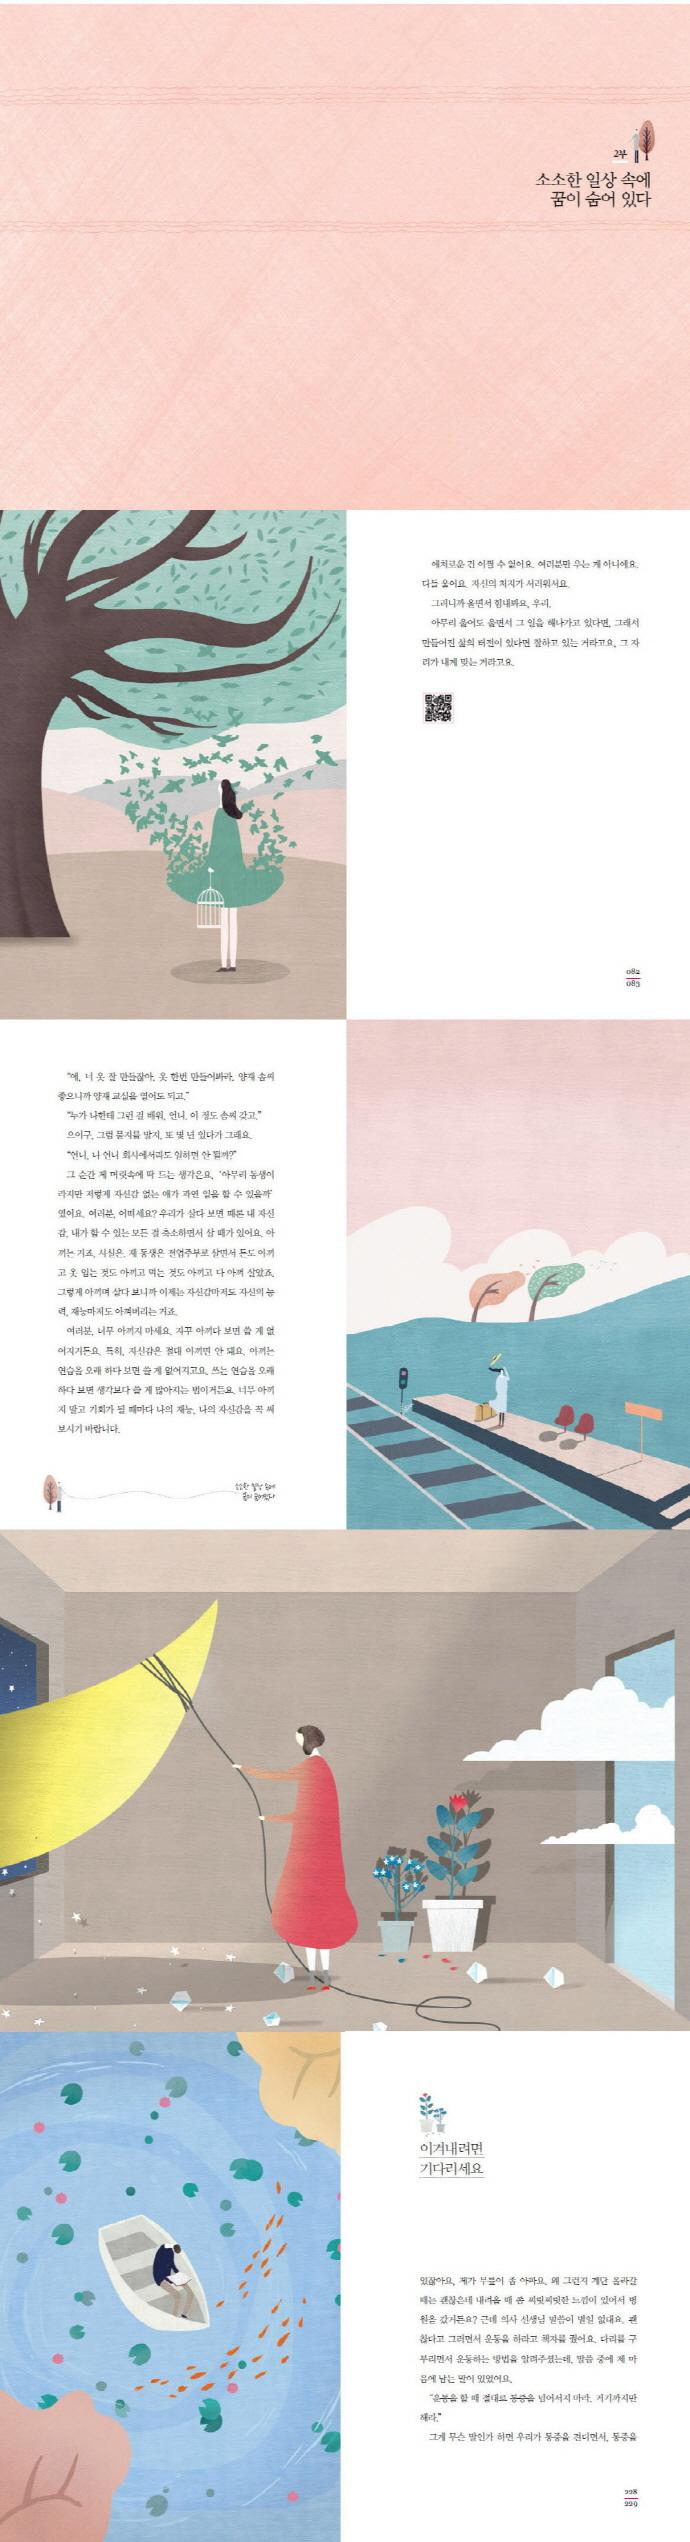 김미경의 인생미답(양장본 HardCover) 도서 상세이미지